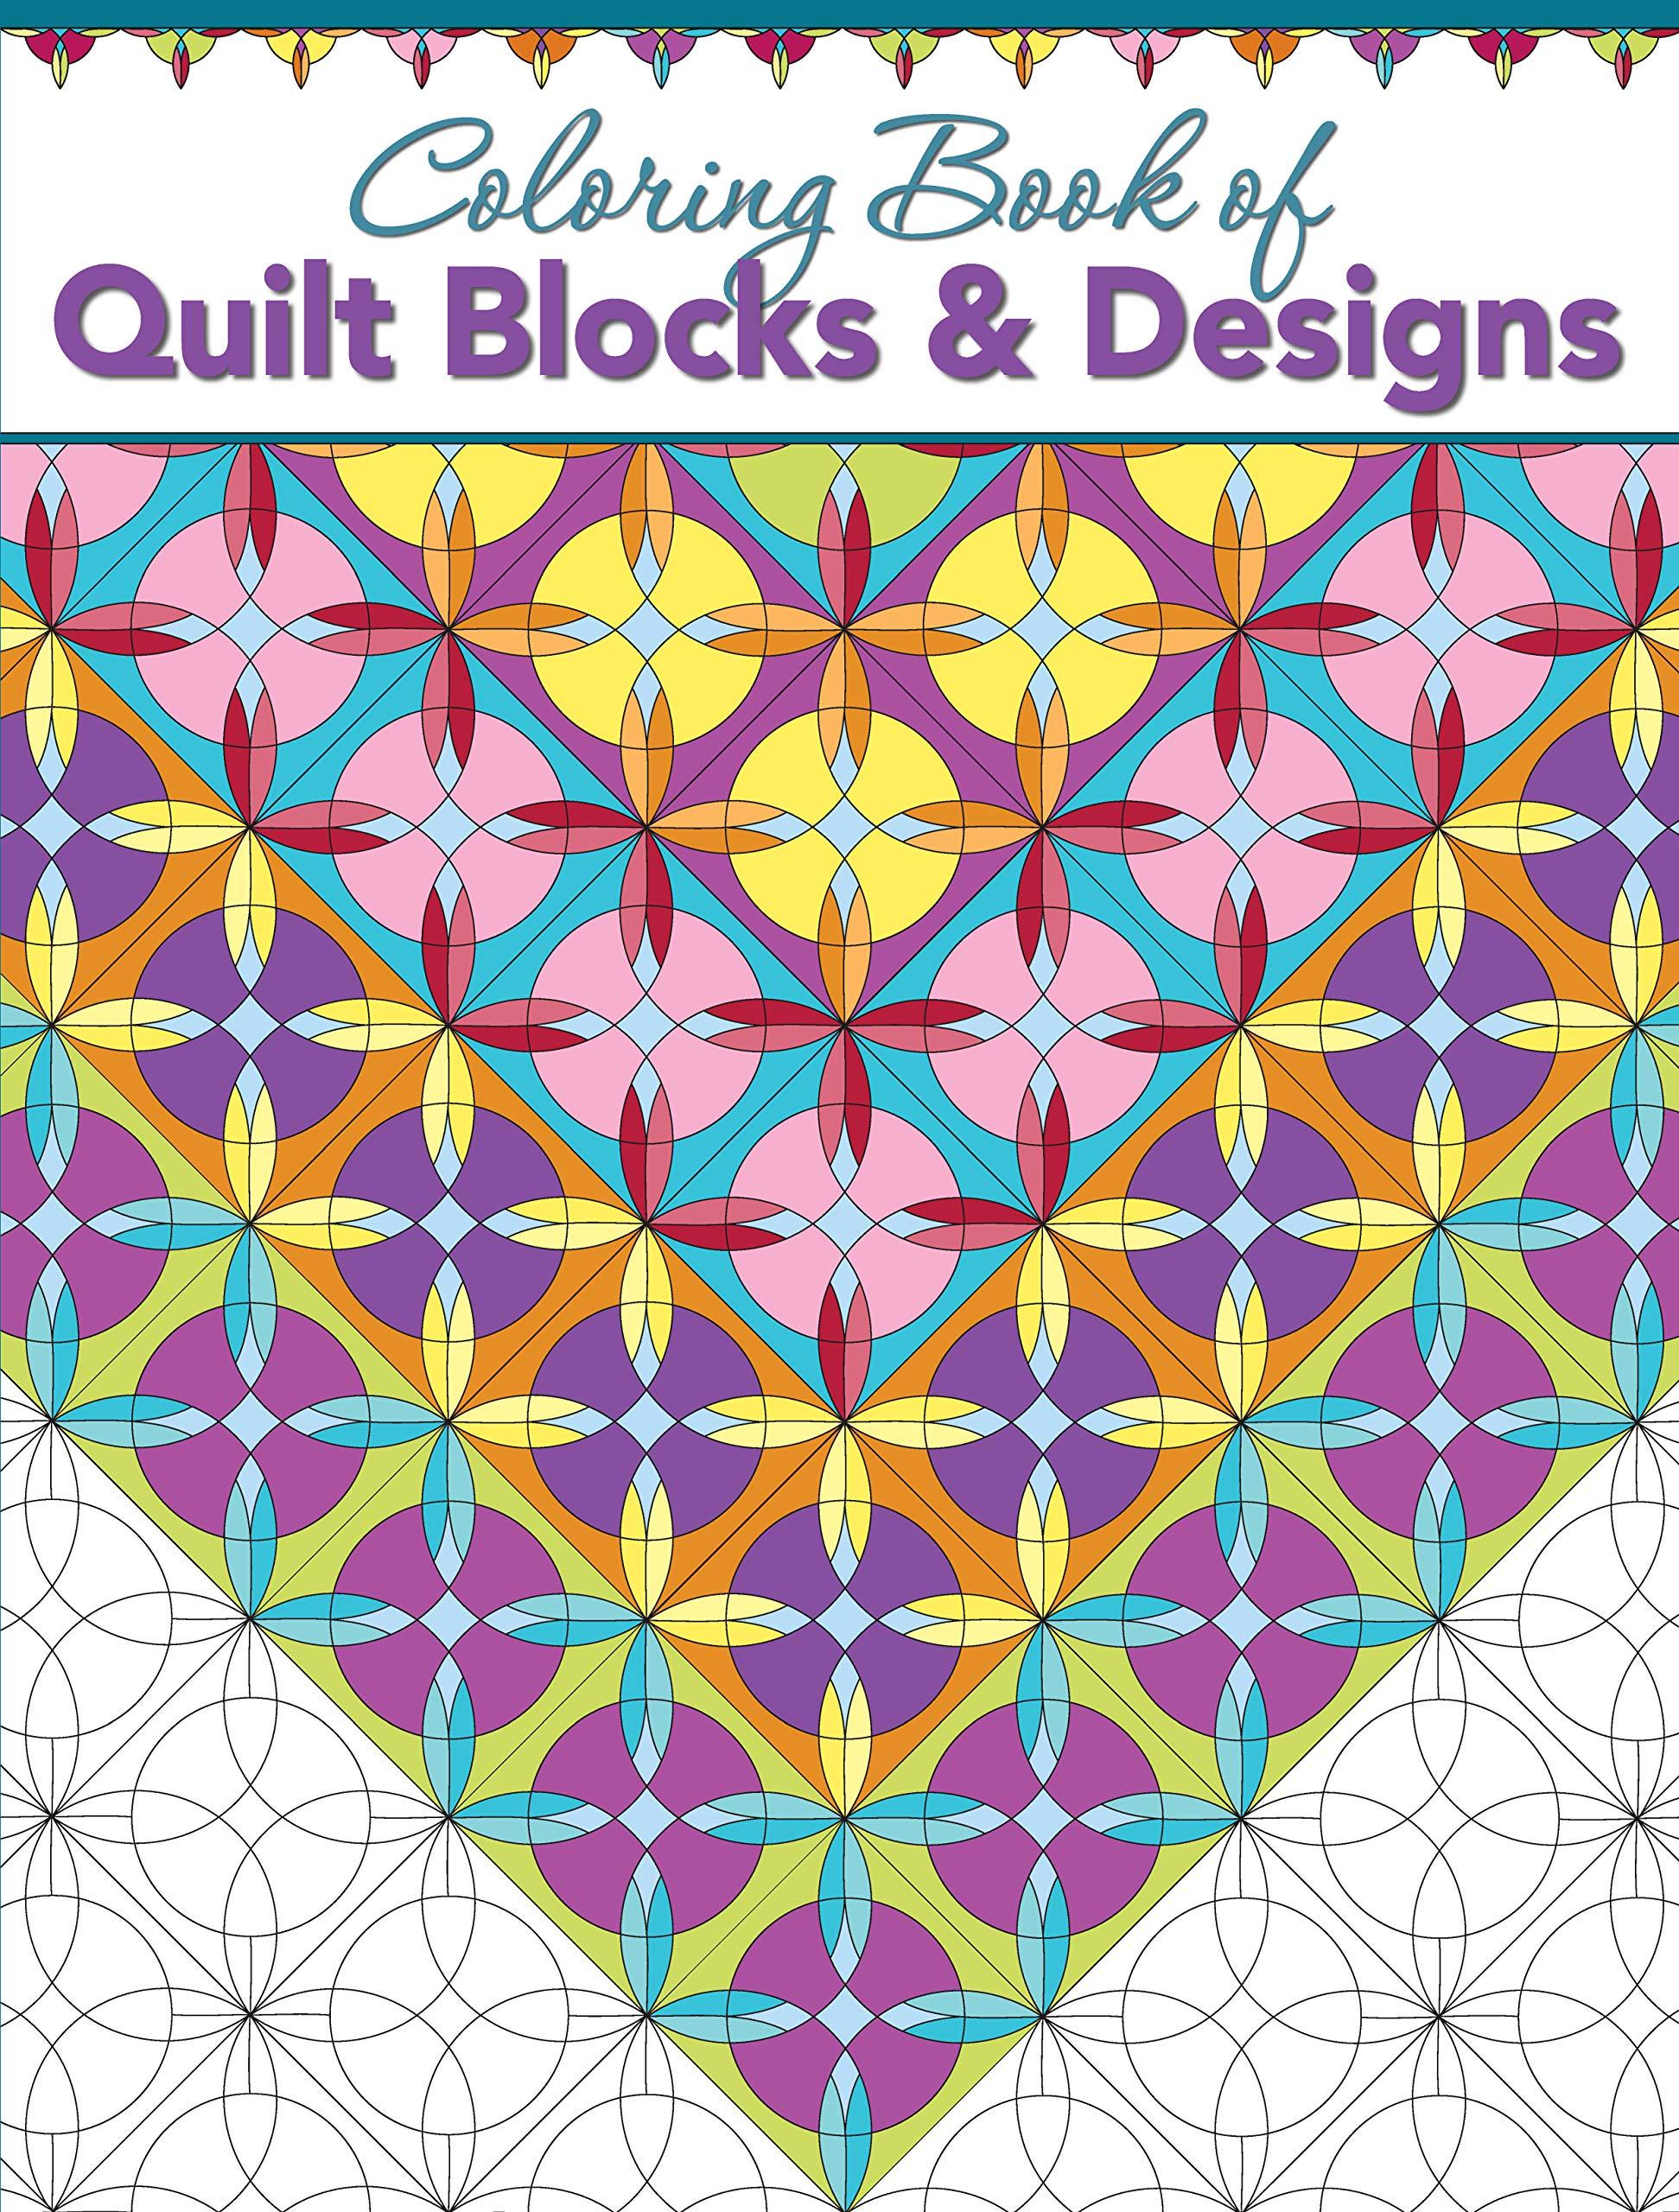 Coloring Book of Quilt Blocks & Designs: Amazon.de: Editors at ...   2560x1943